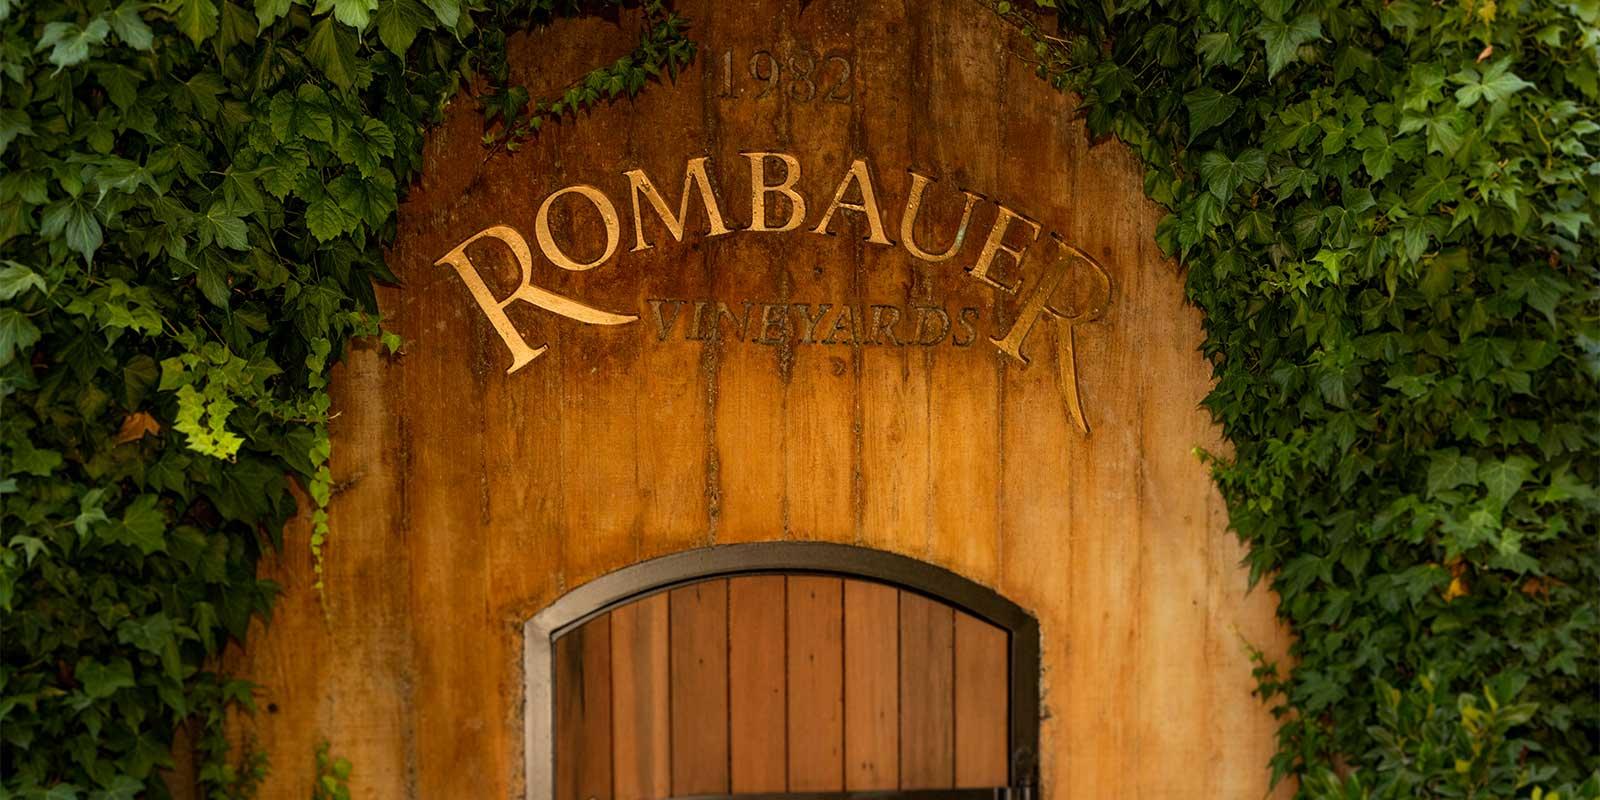 20324-media-SlideshowImage5-RombauerVineyards-WineryEntranceDoor-1600X800.jpg